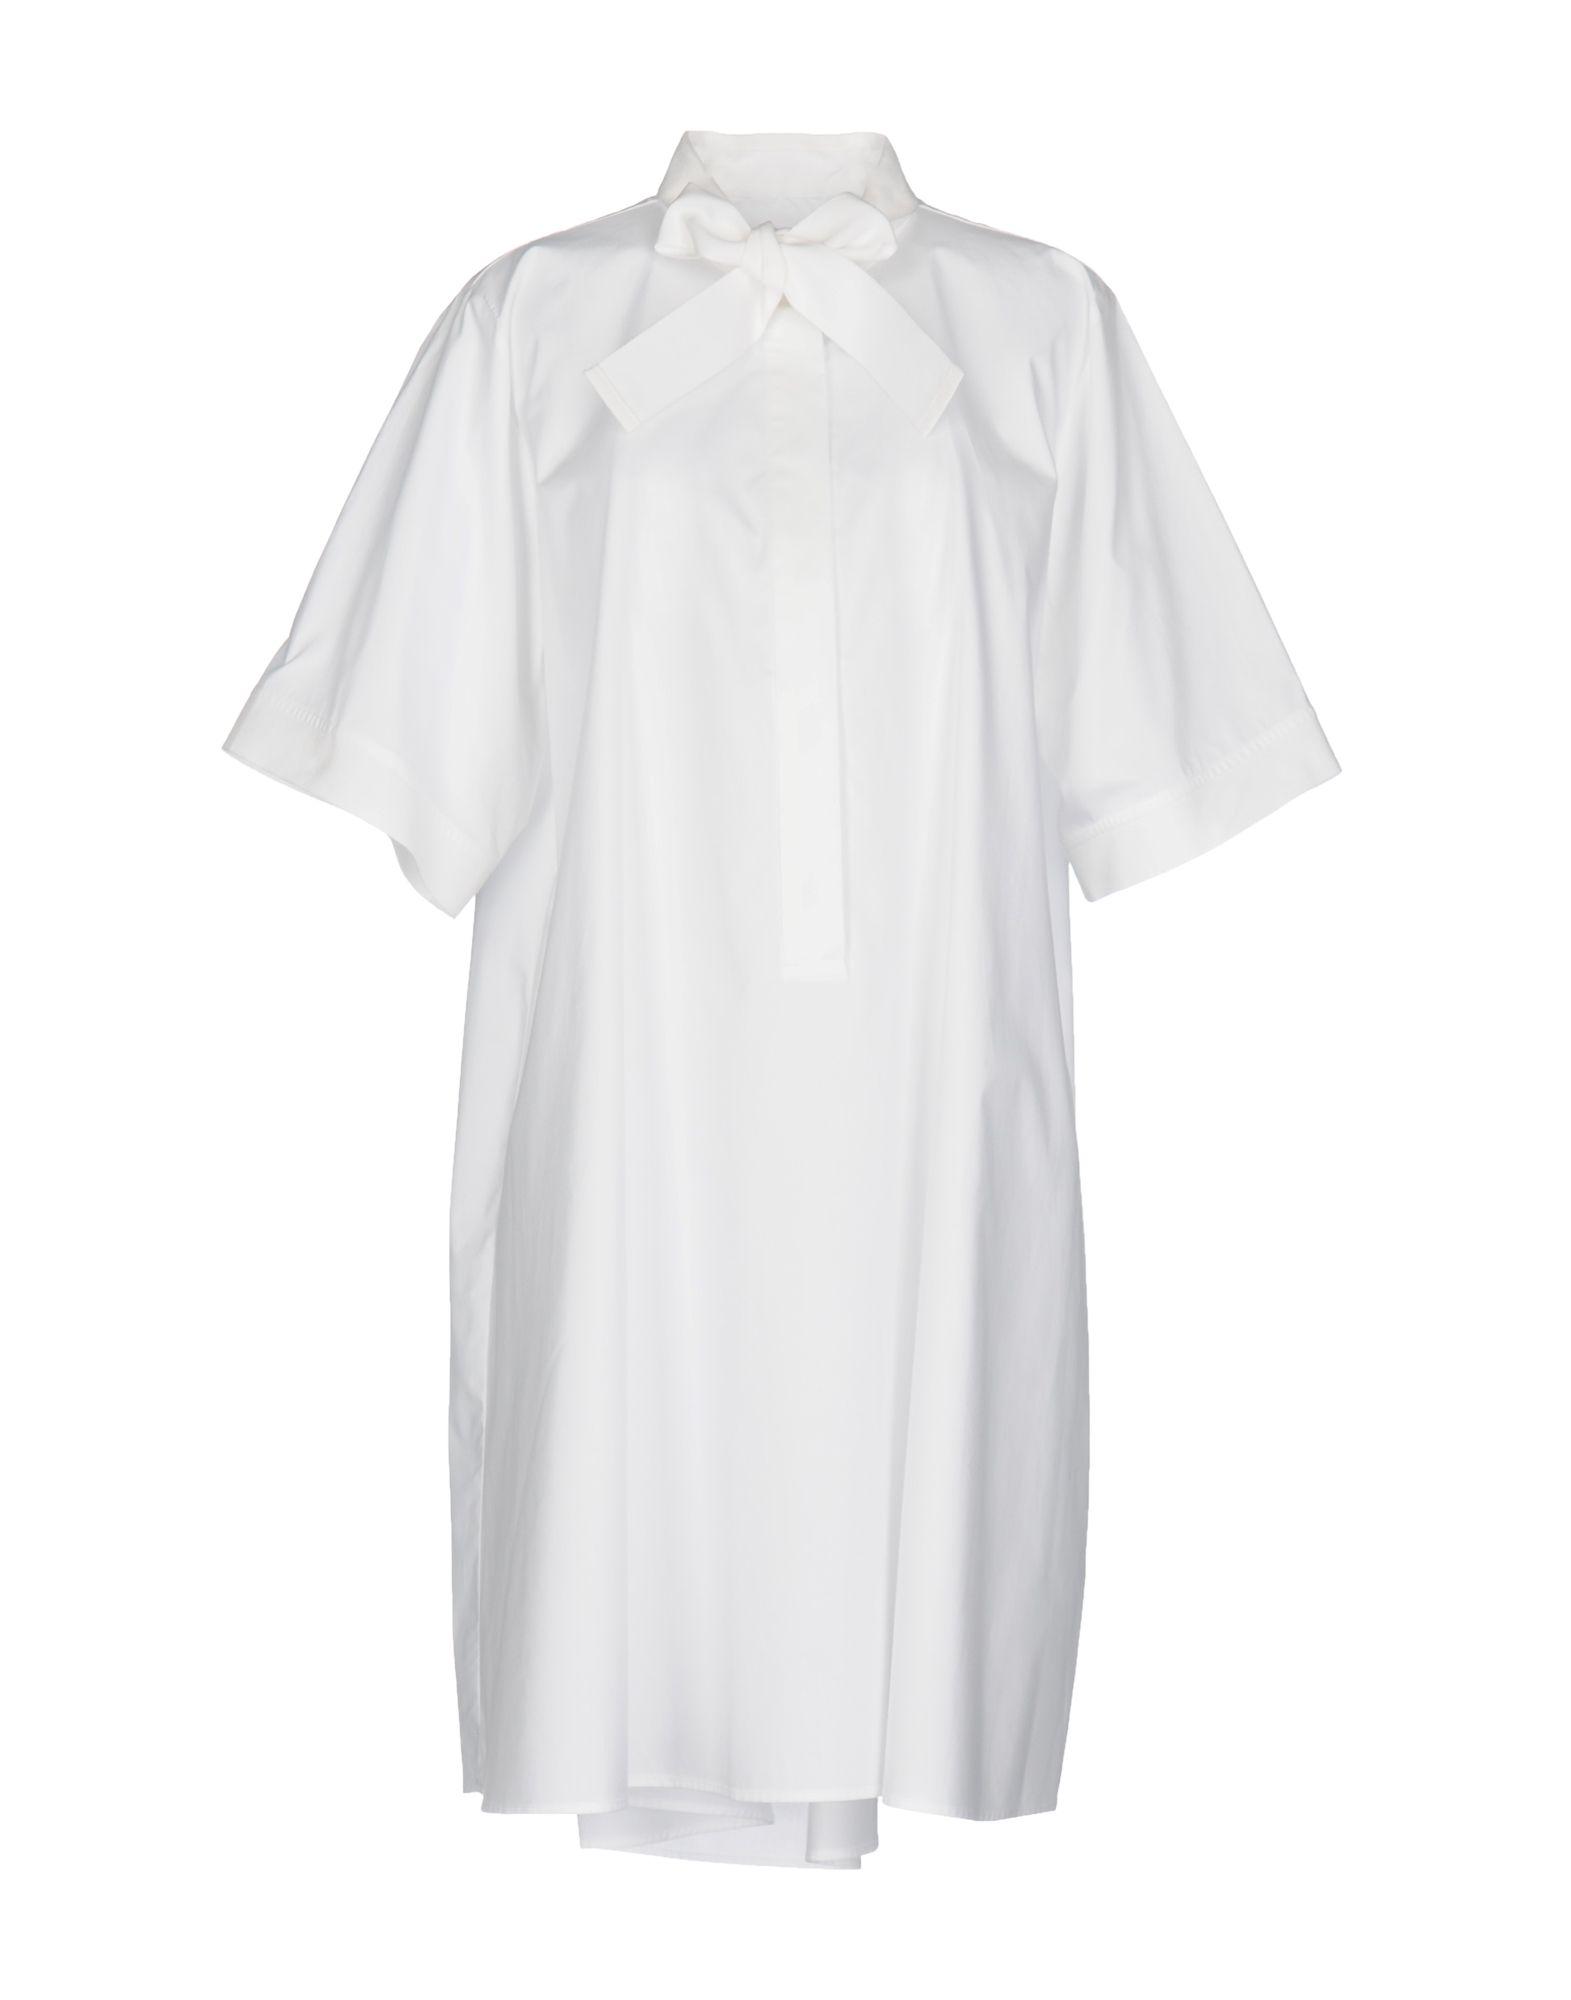 MM6 MAISON MARGIELA Damen Kurzes Kleid Farbe Weiß Größe 5 jetztbilligerkaufen